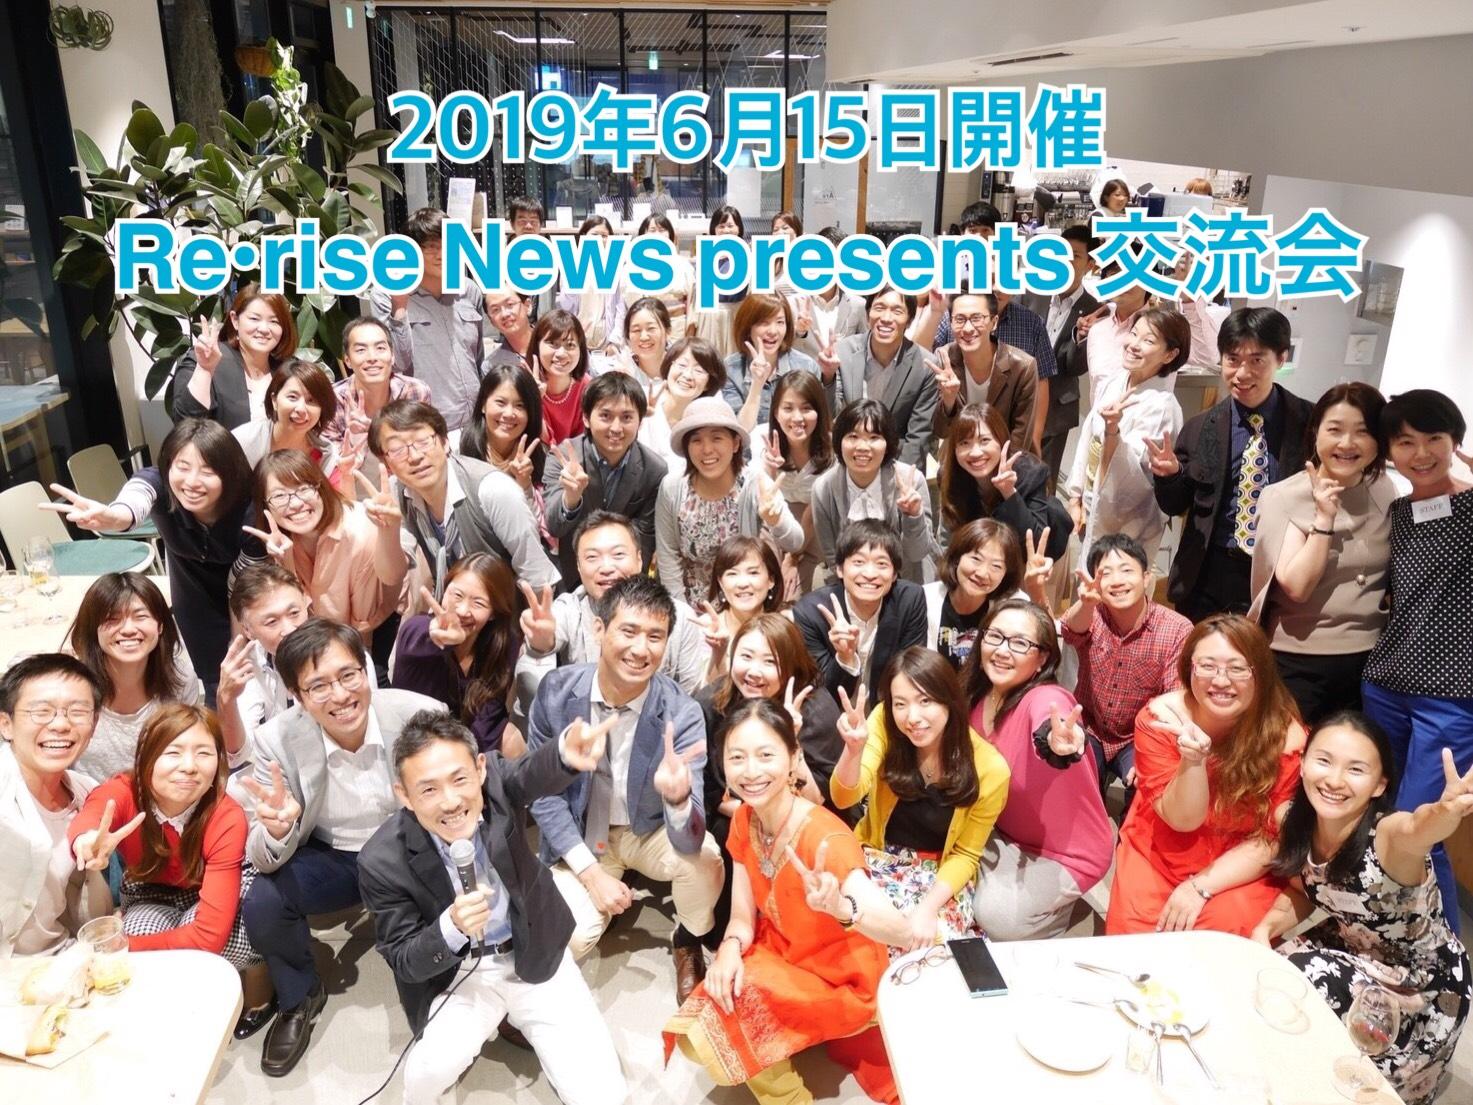 6月15日開催『Re·rise News presents 交流会』